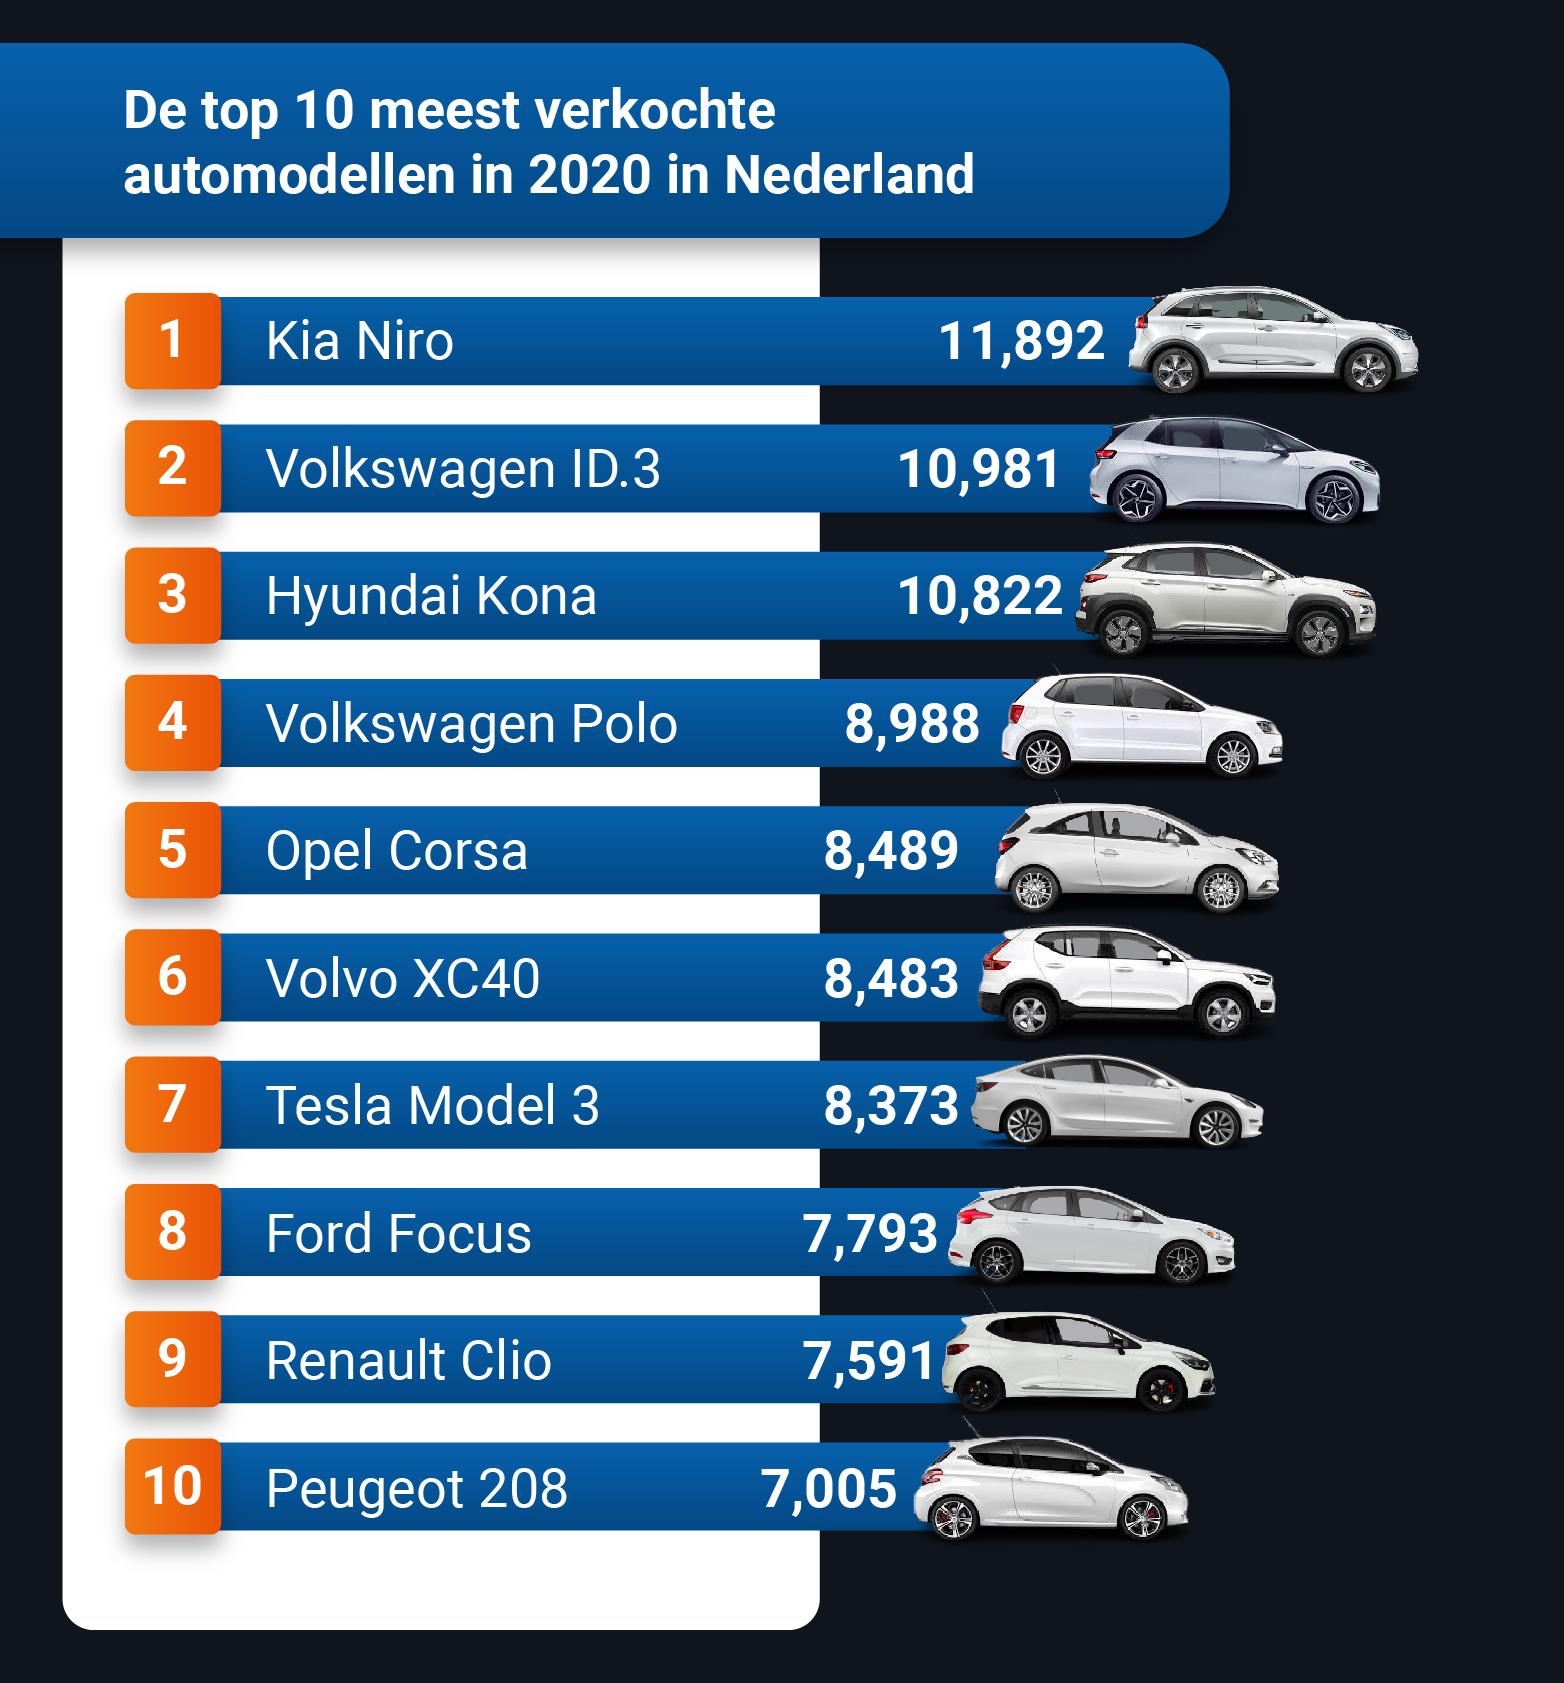 Top 10 meest verkochte automodellen in 2020 in Nederland